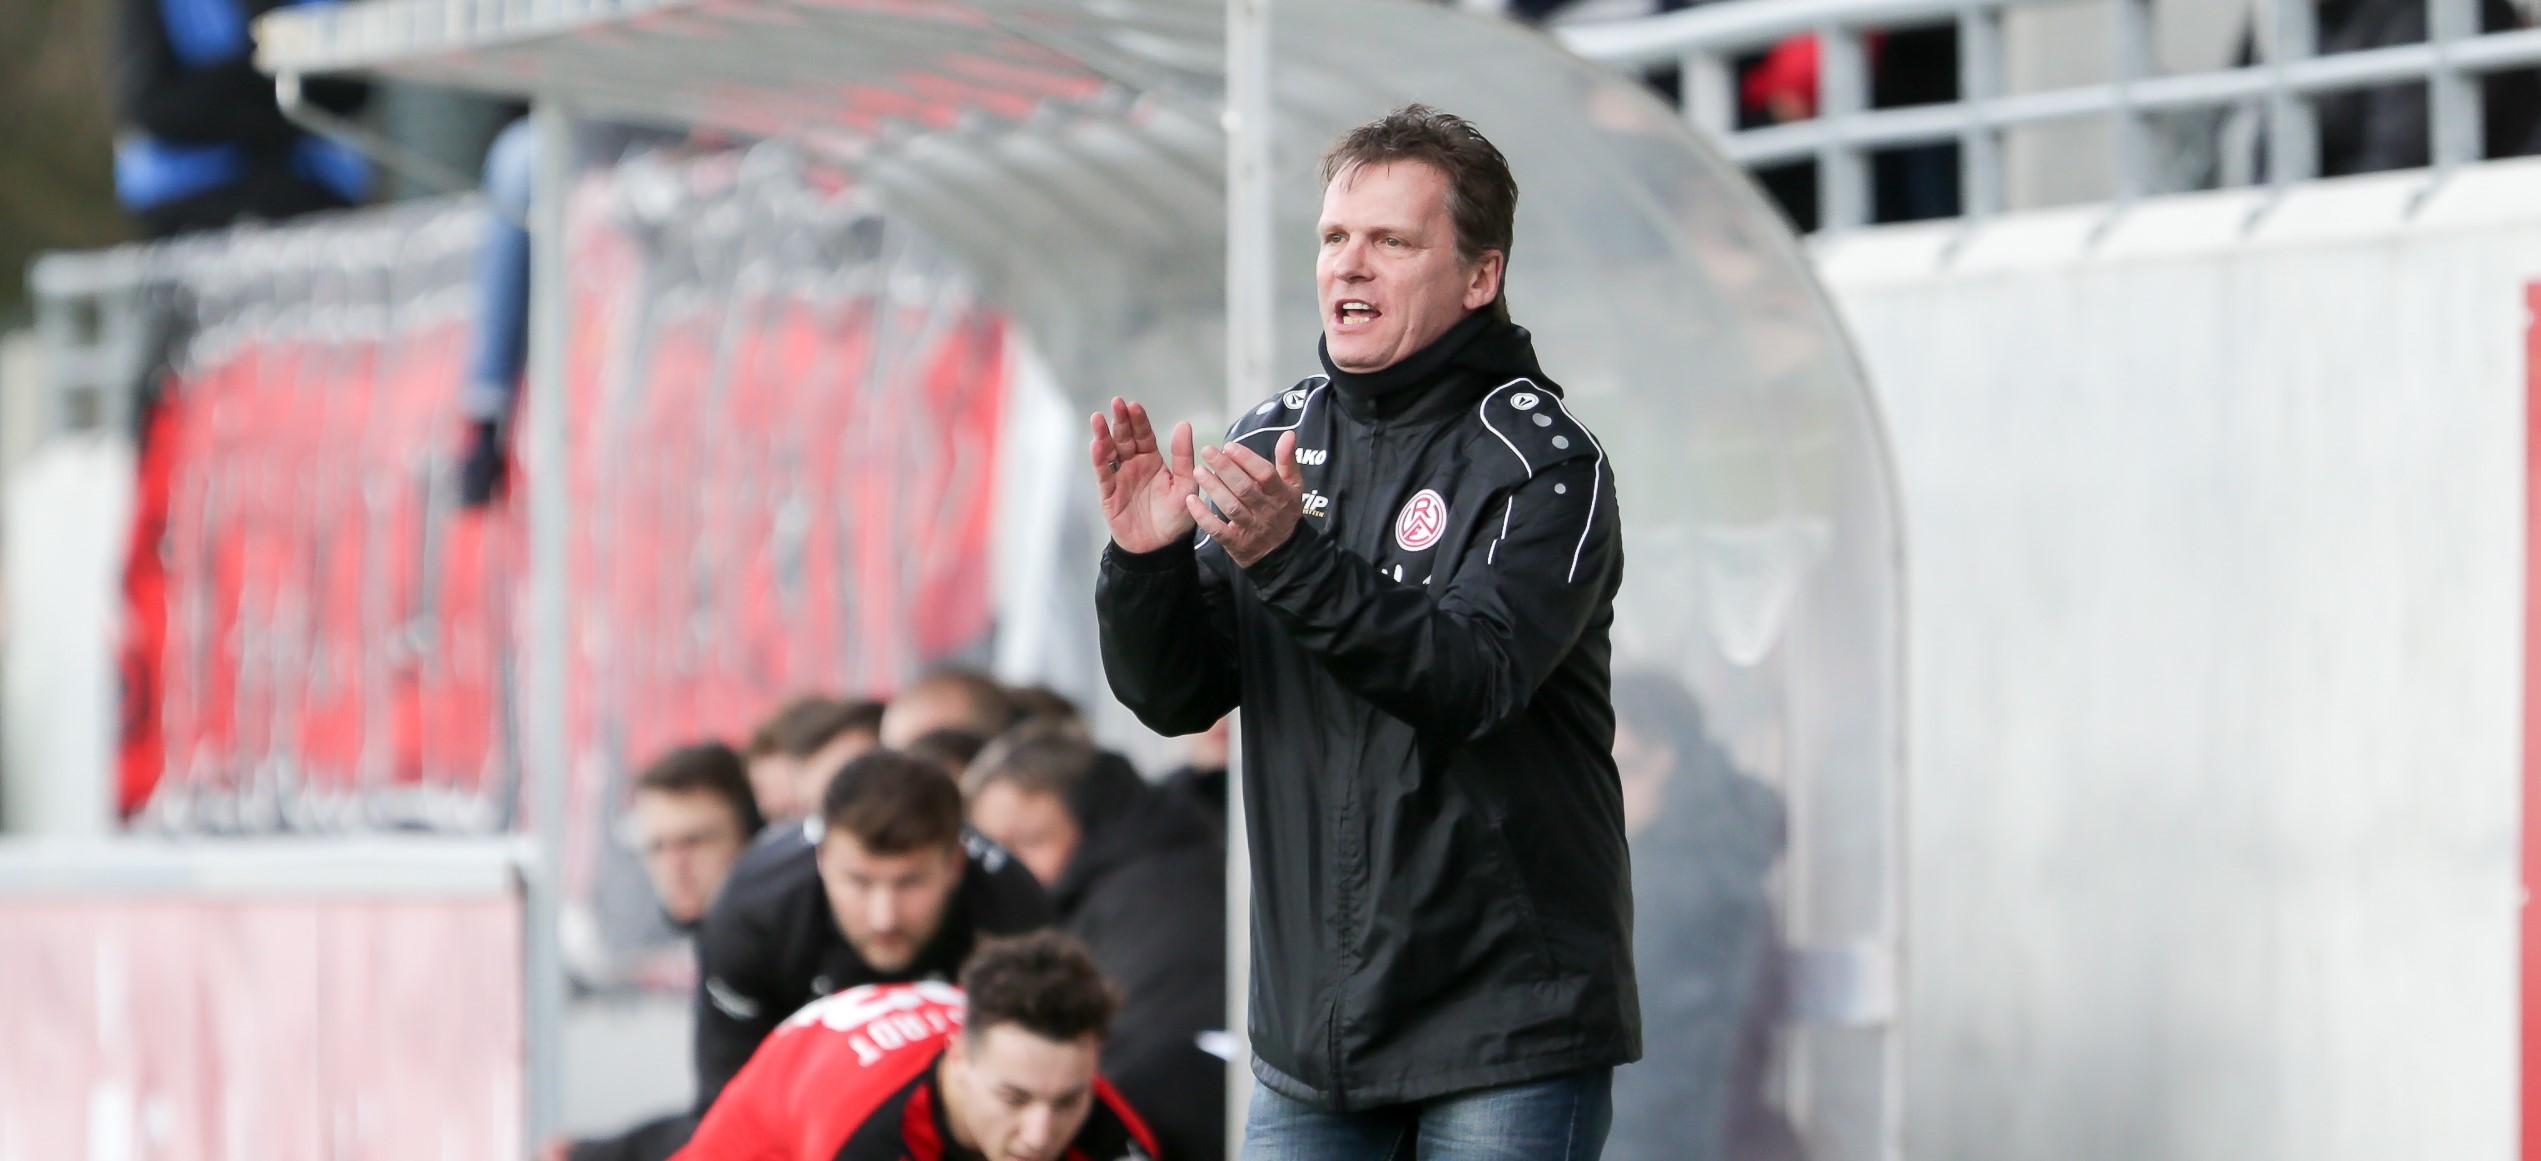 Mit dem Auftreten der Mannschaft in Lippstadt konnte Chef-Trainer Karsten Neitzel zufrieden sein. (Foto: Endberg)